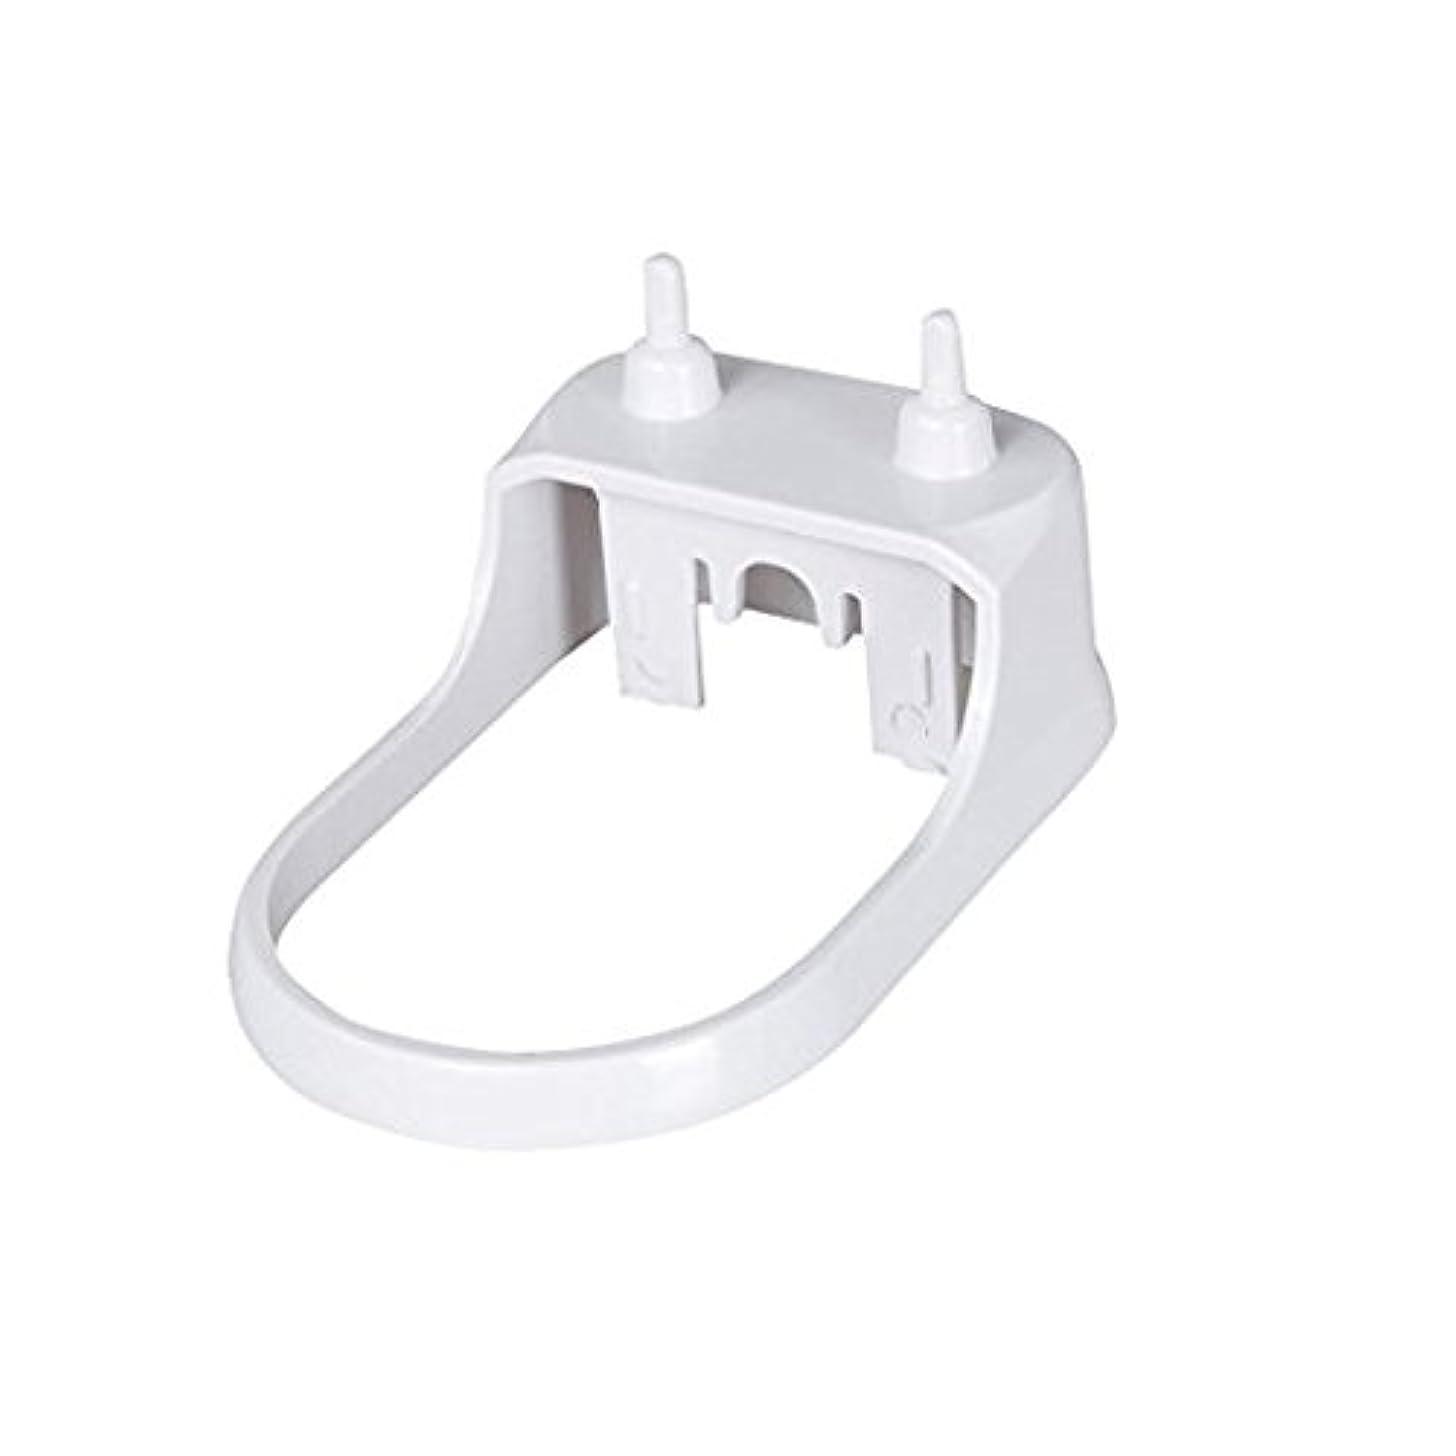 導出メダル廃止ハードプラスチックスタンド for Philips sonicare 電動歯ブラシ専用 携帯用小型充電器 フィリップス ソニッケアー音波電動歯ブラシ 充電器 by Kadior (ホワイト)